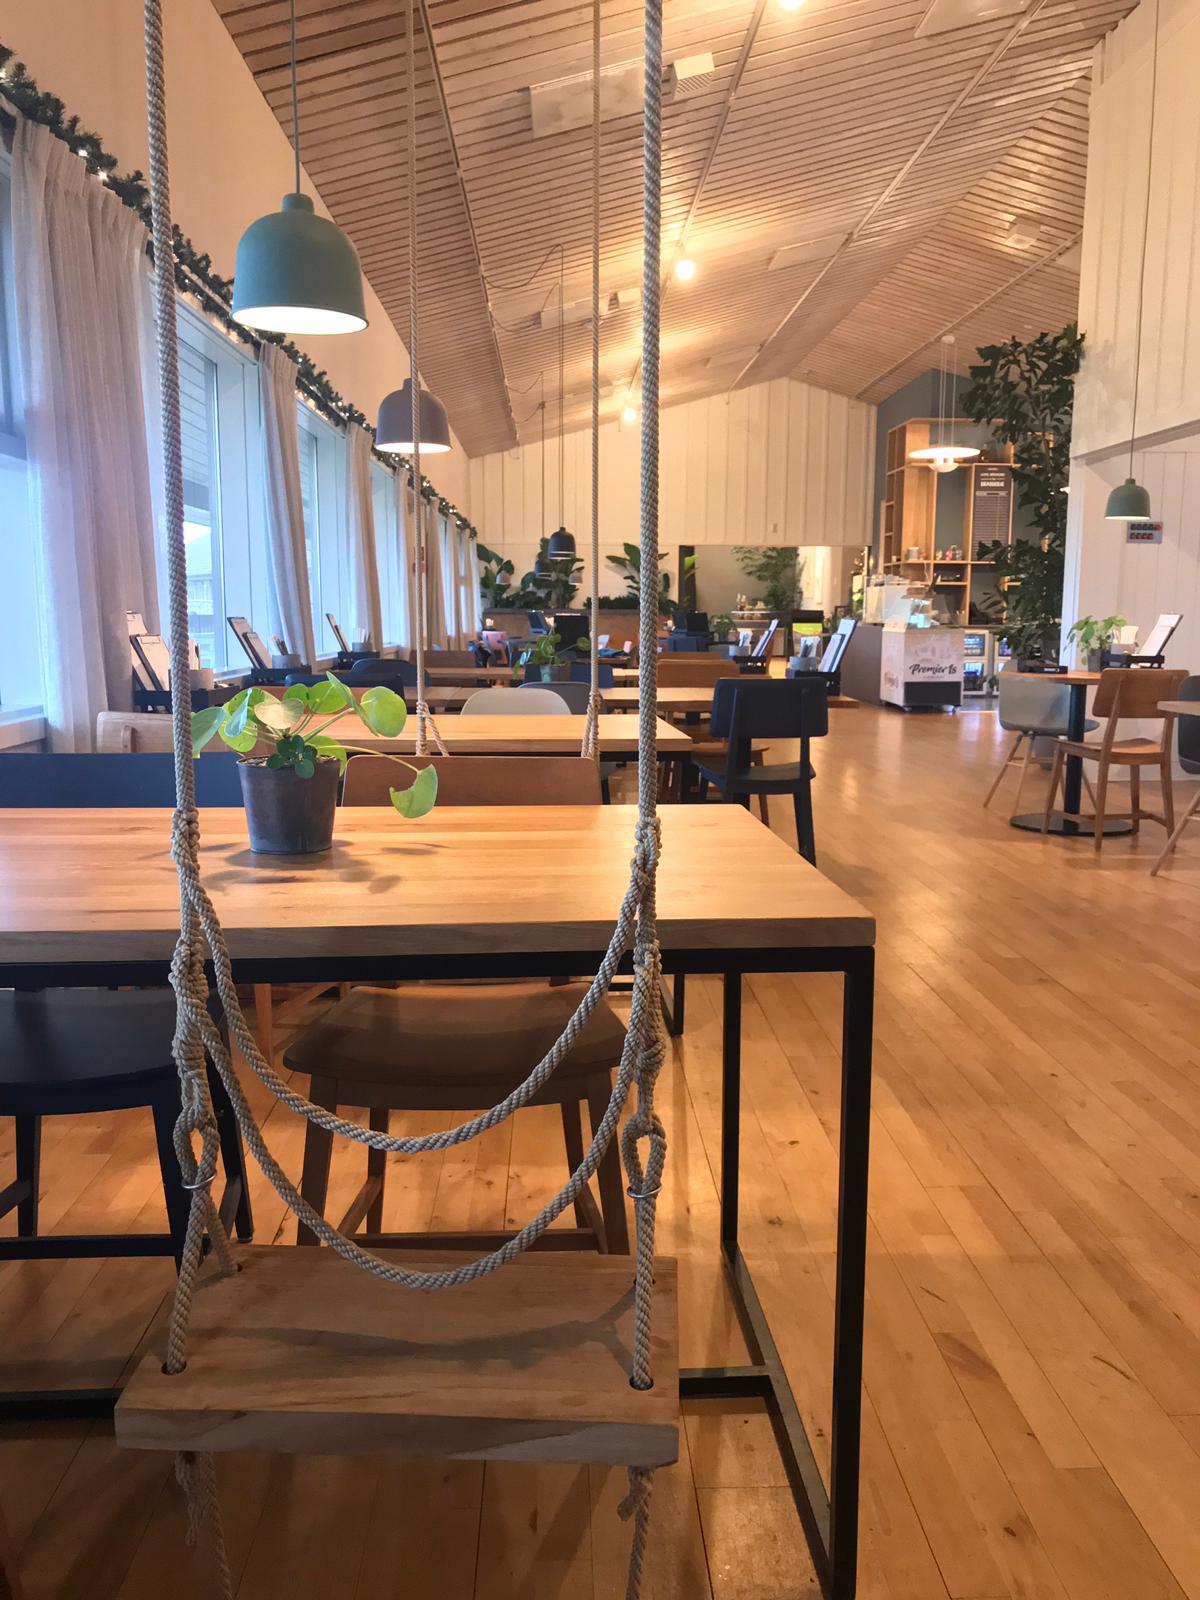 Landal GreenParks Søhøjlandet, Denmark